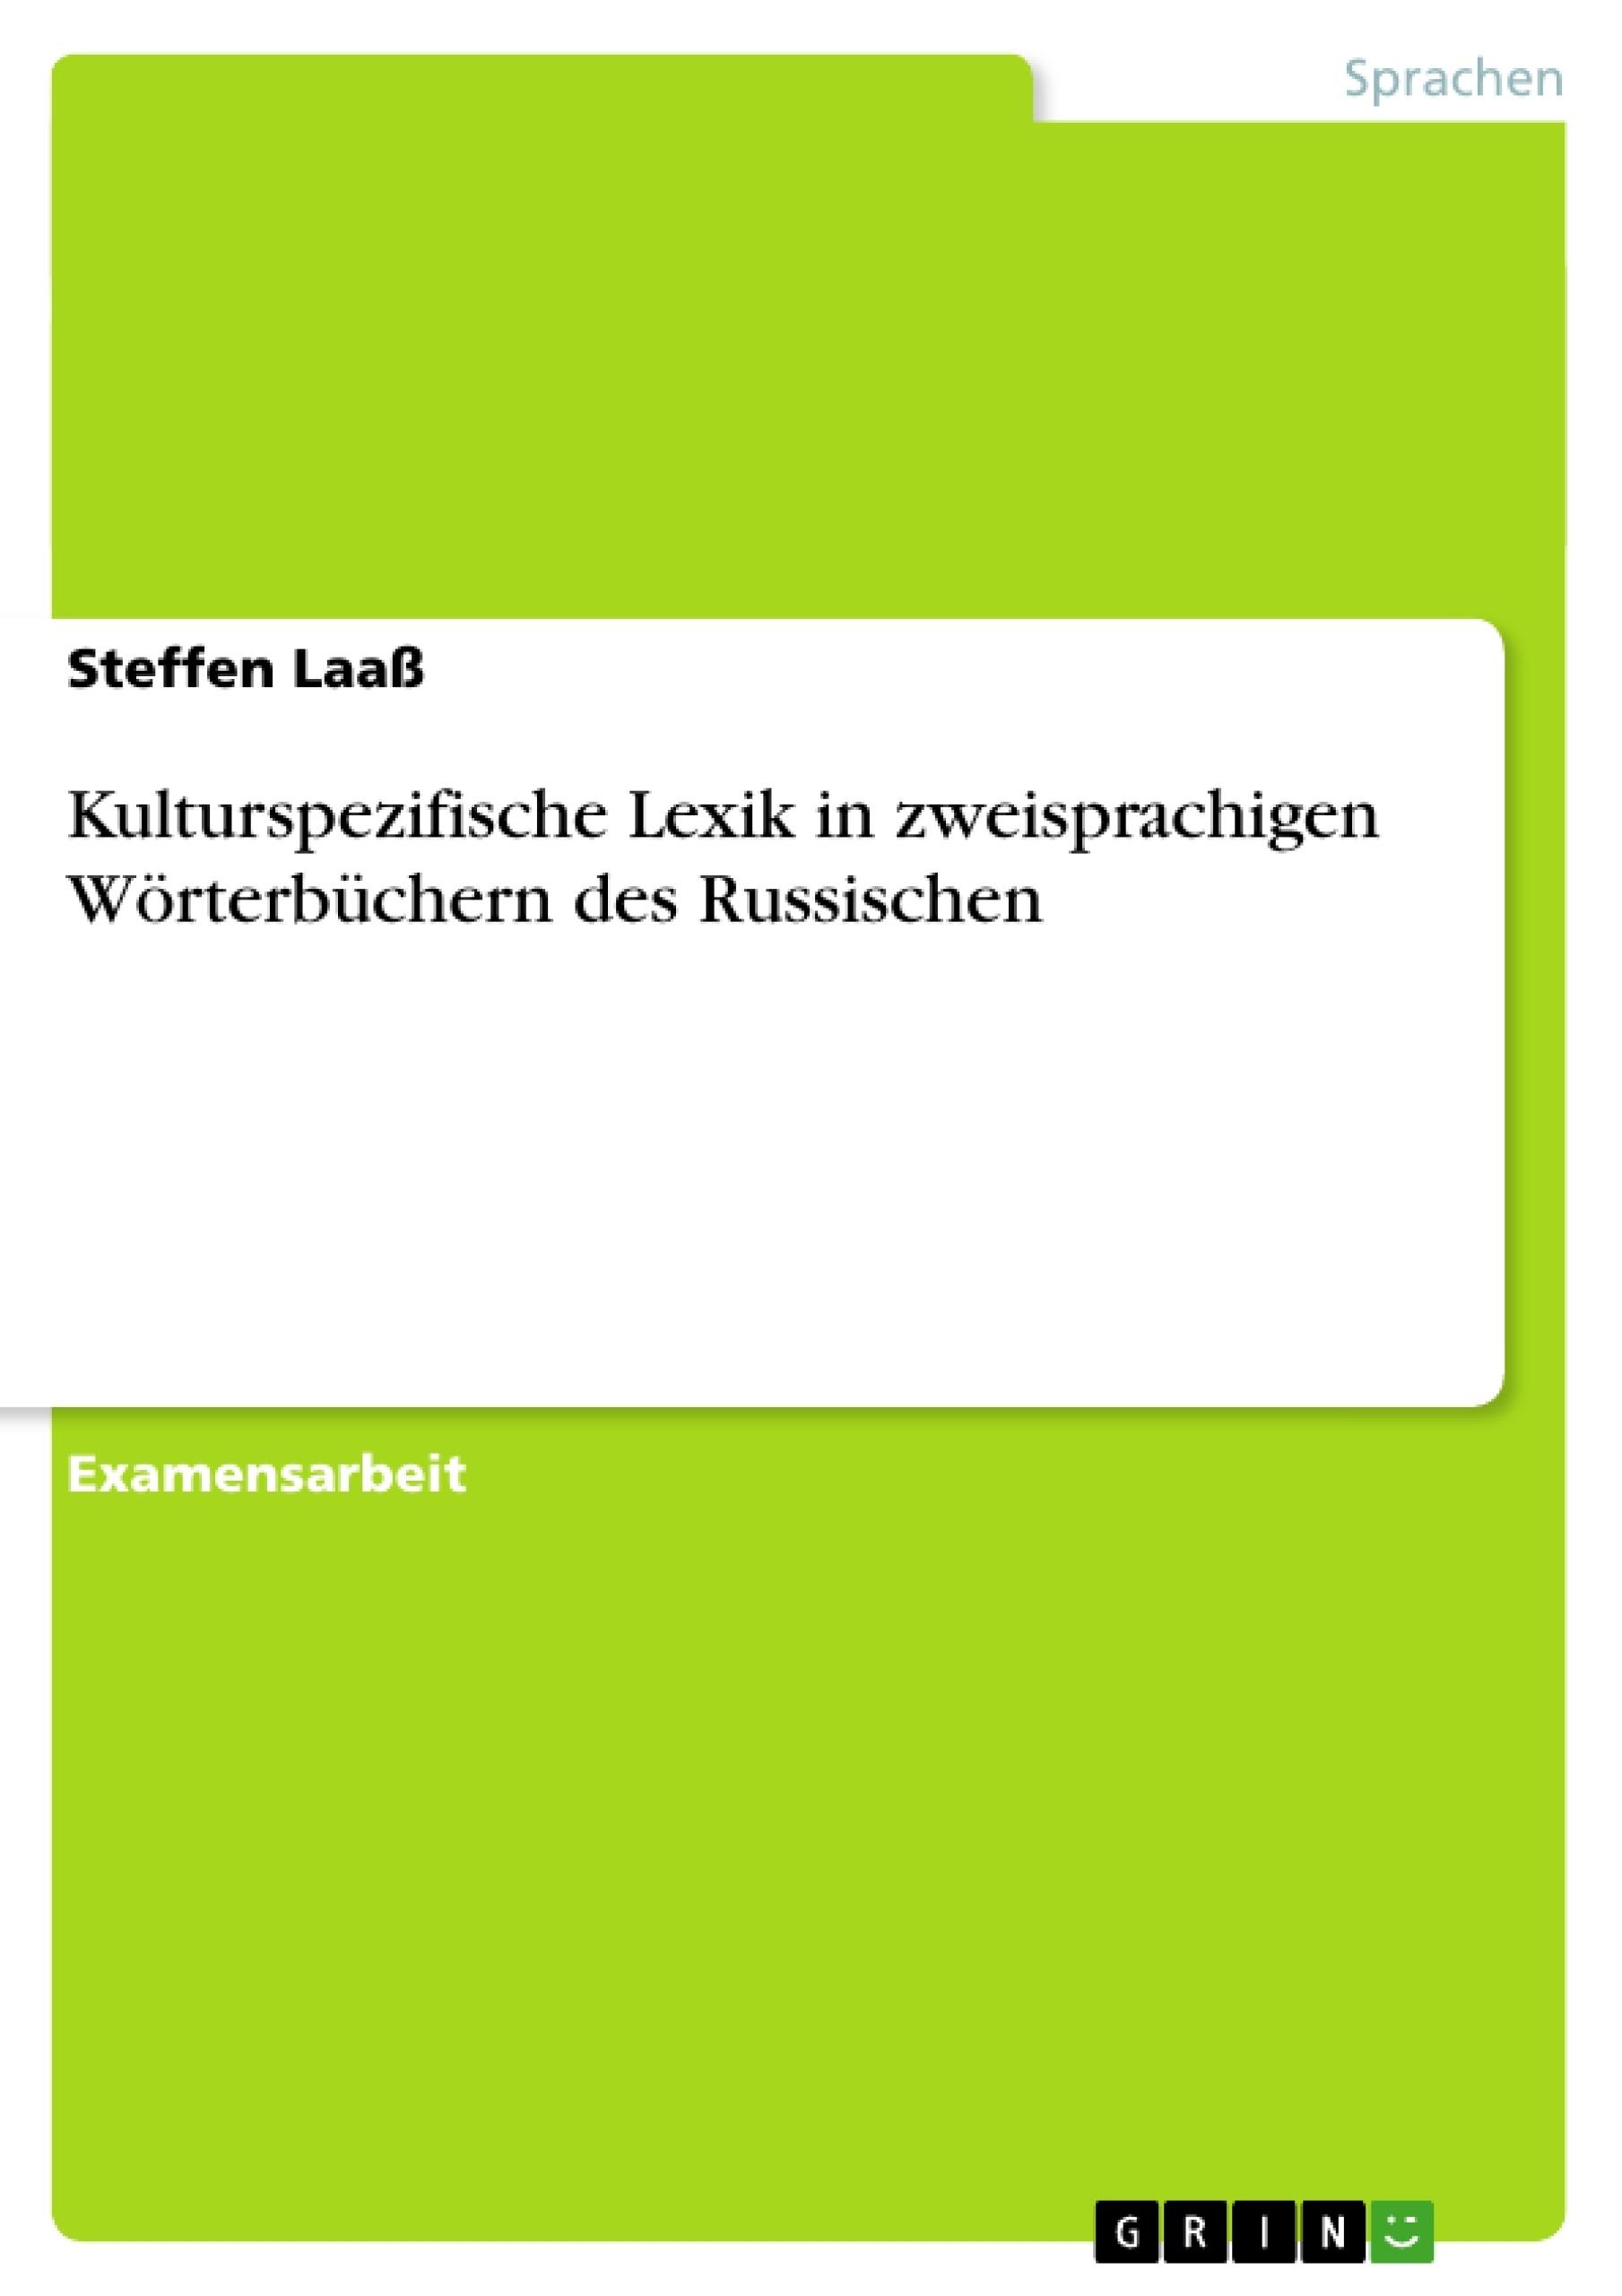 Titel: Kulturspezifische Lexik in zweisprachigen Wörterbüchern des Russischen